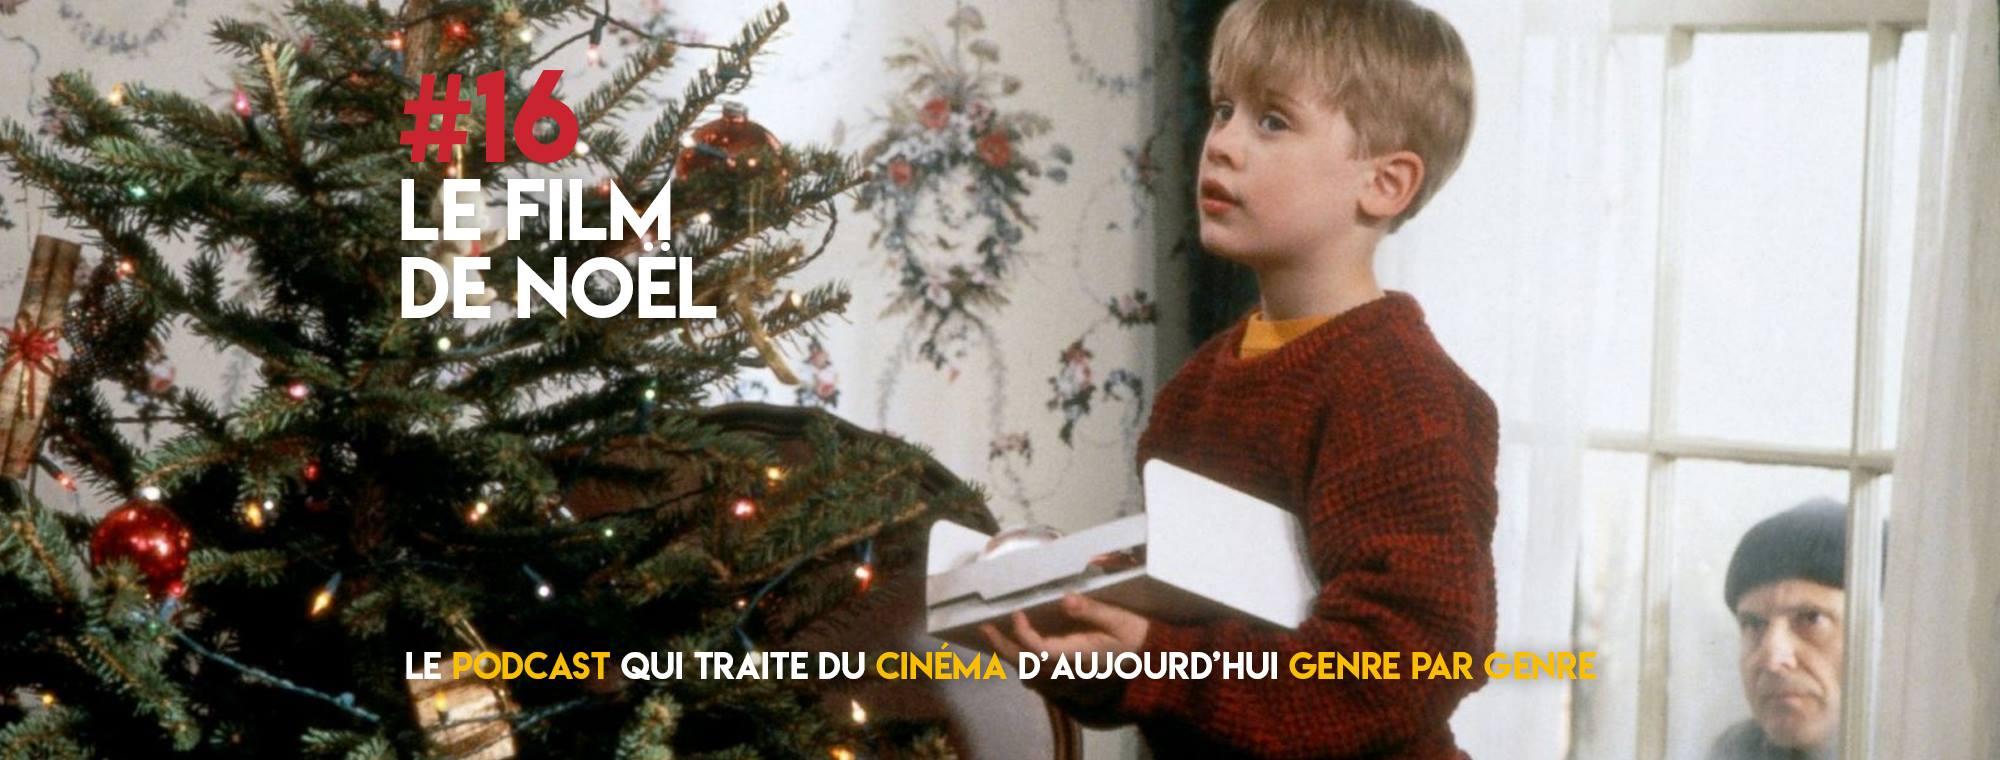 Parlons Péloches - #16 Le film de Noël